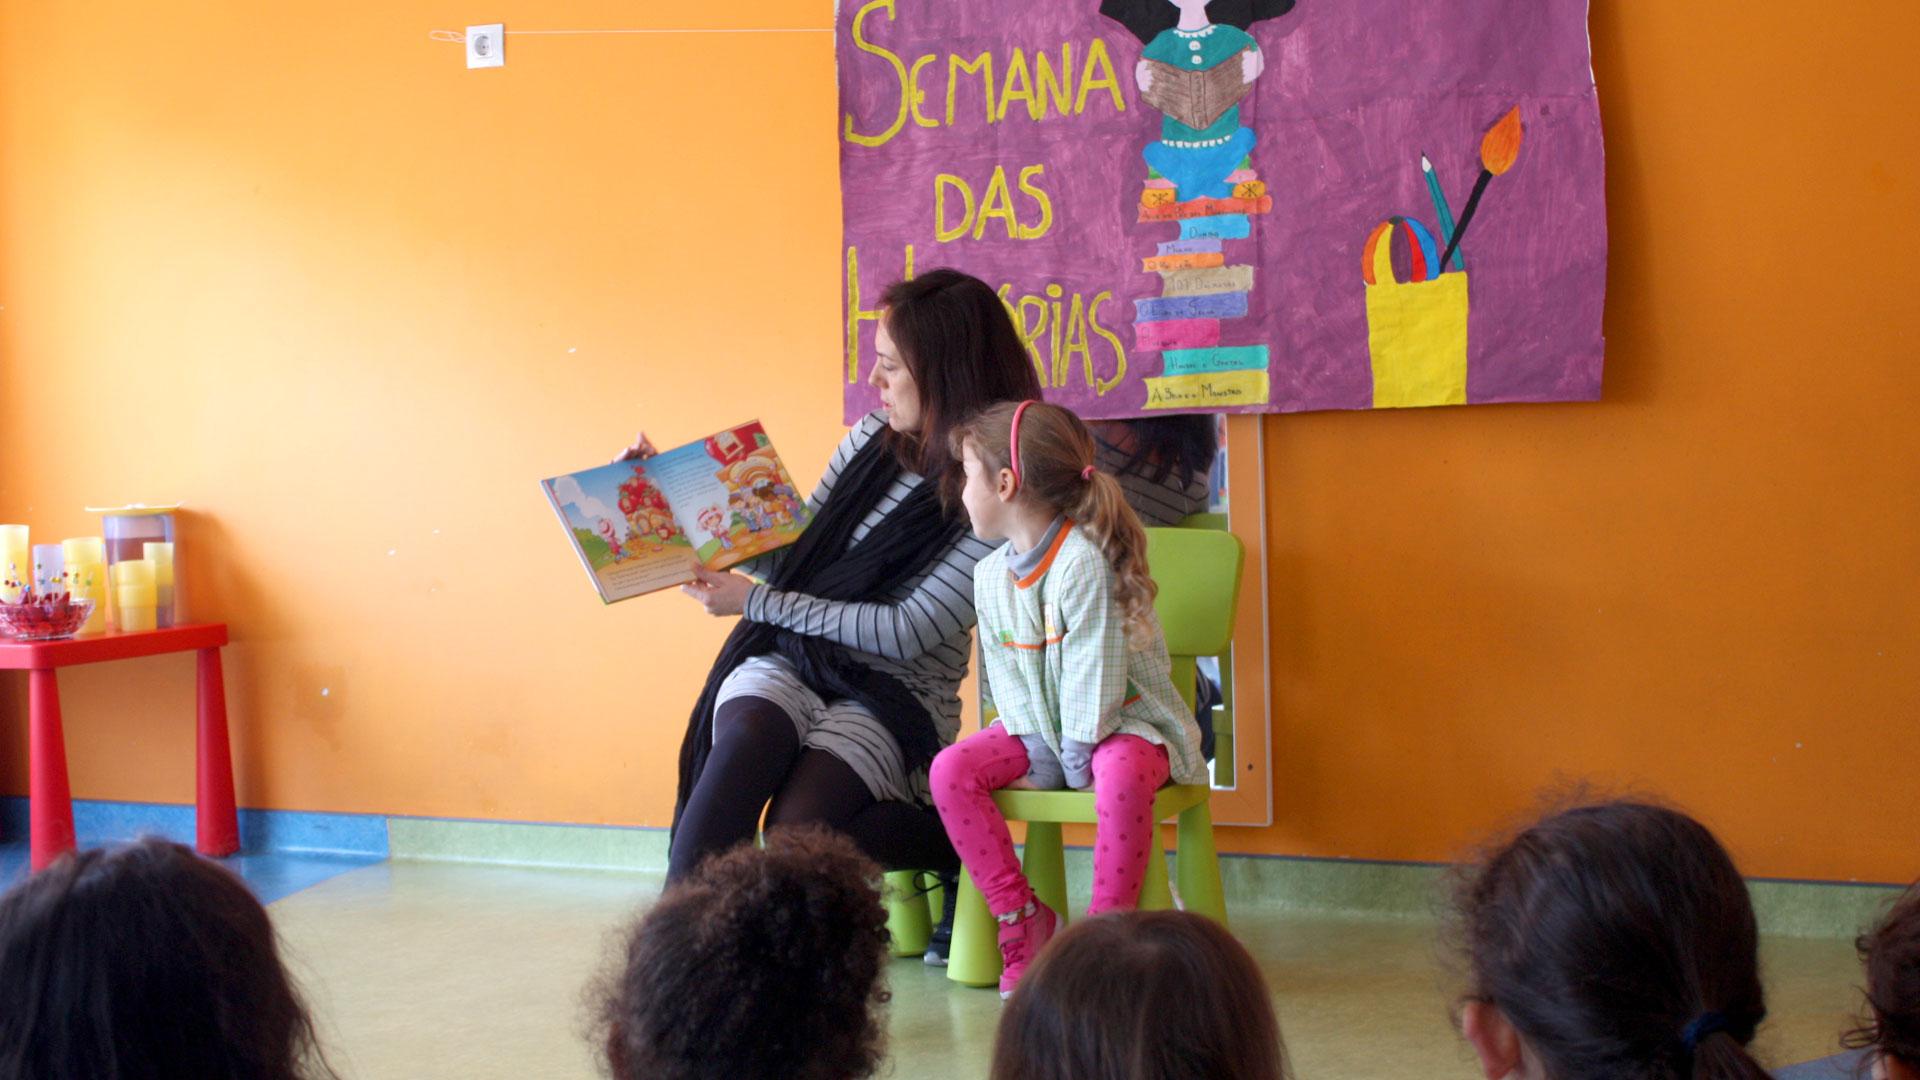 Semana das Histórias: Livros e Famílias